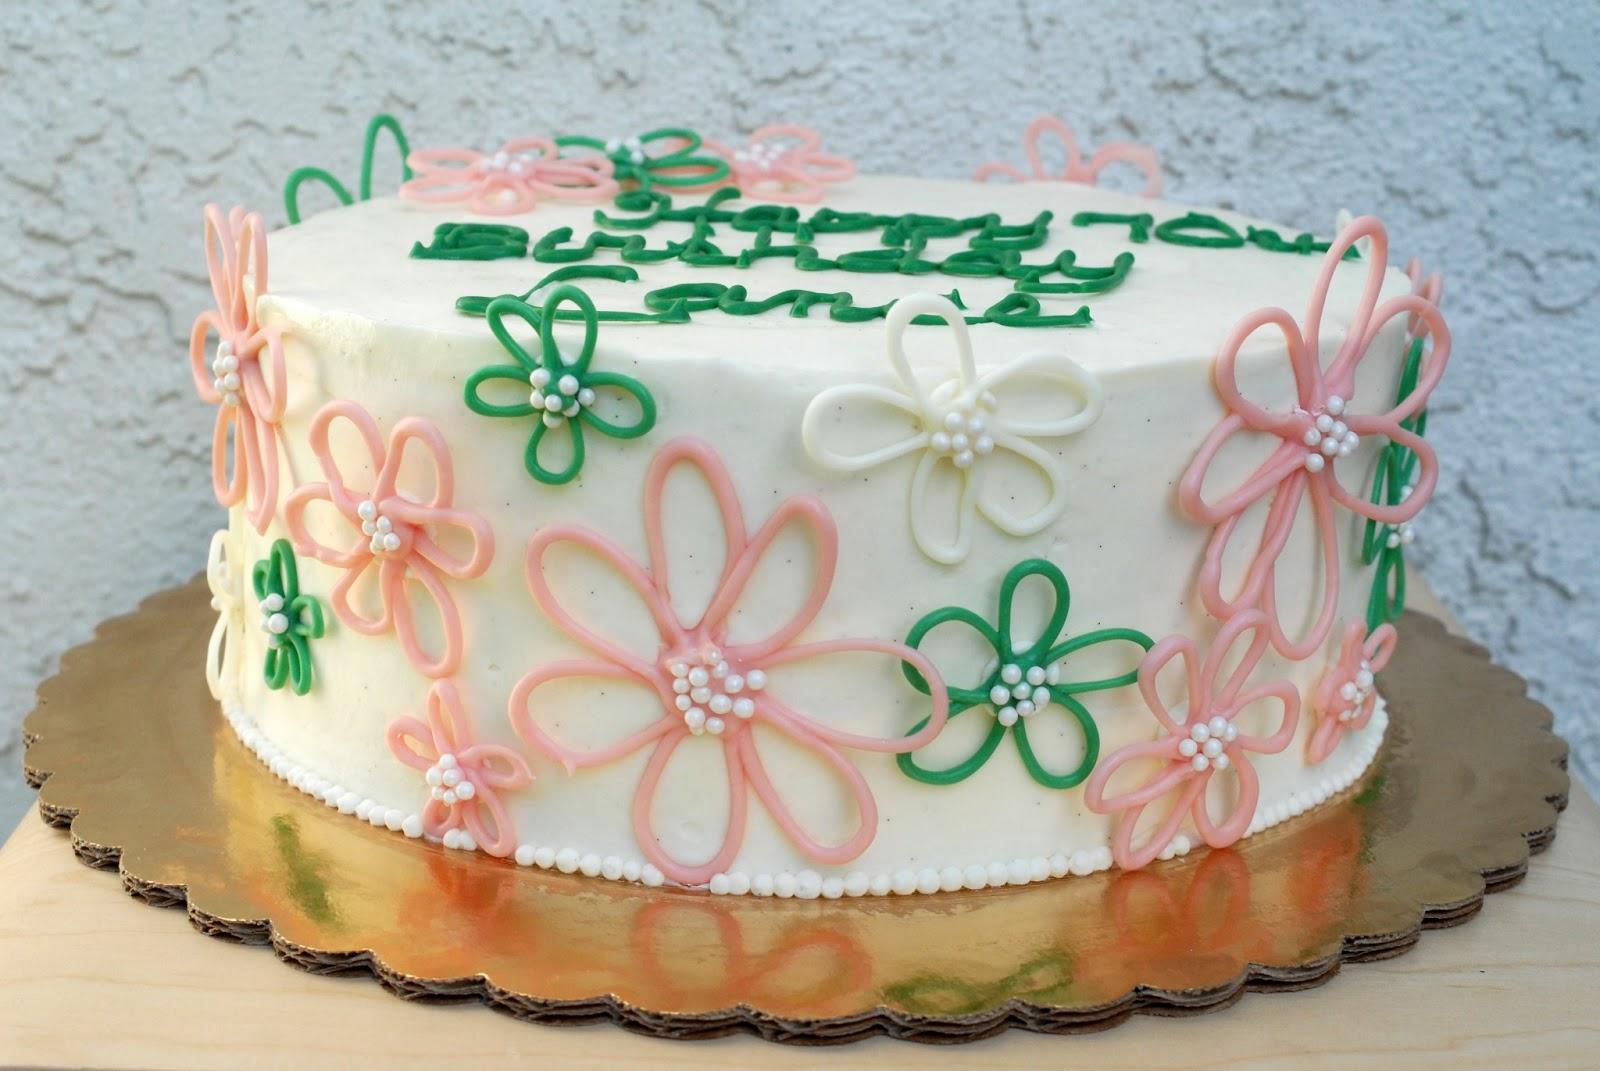 Night Baking Dads 70th Birthday Lemon Cake